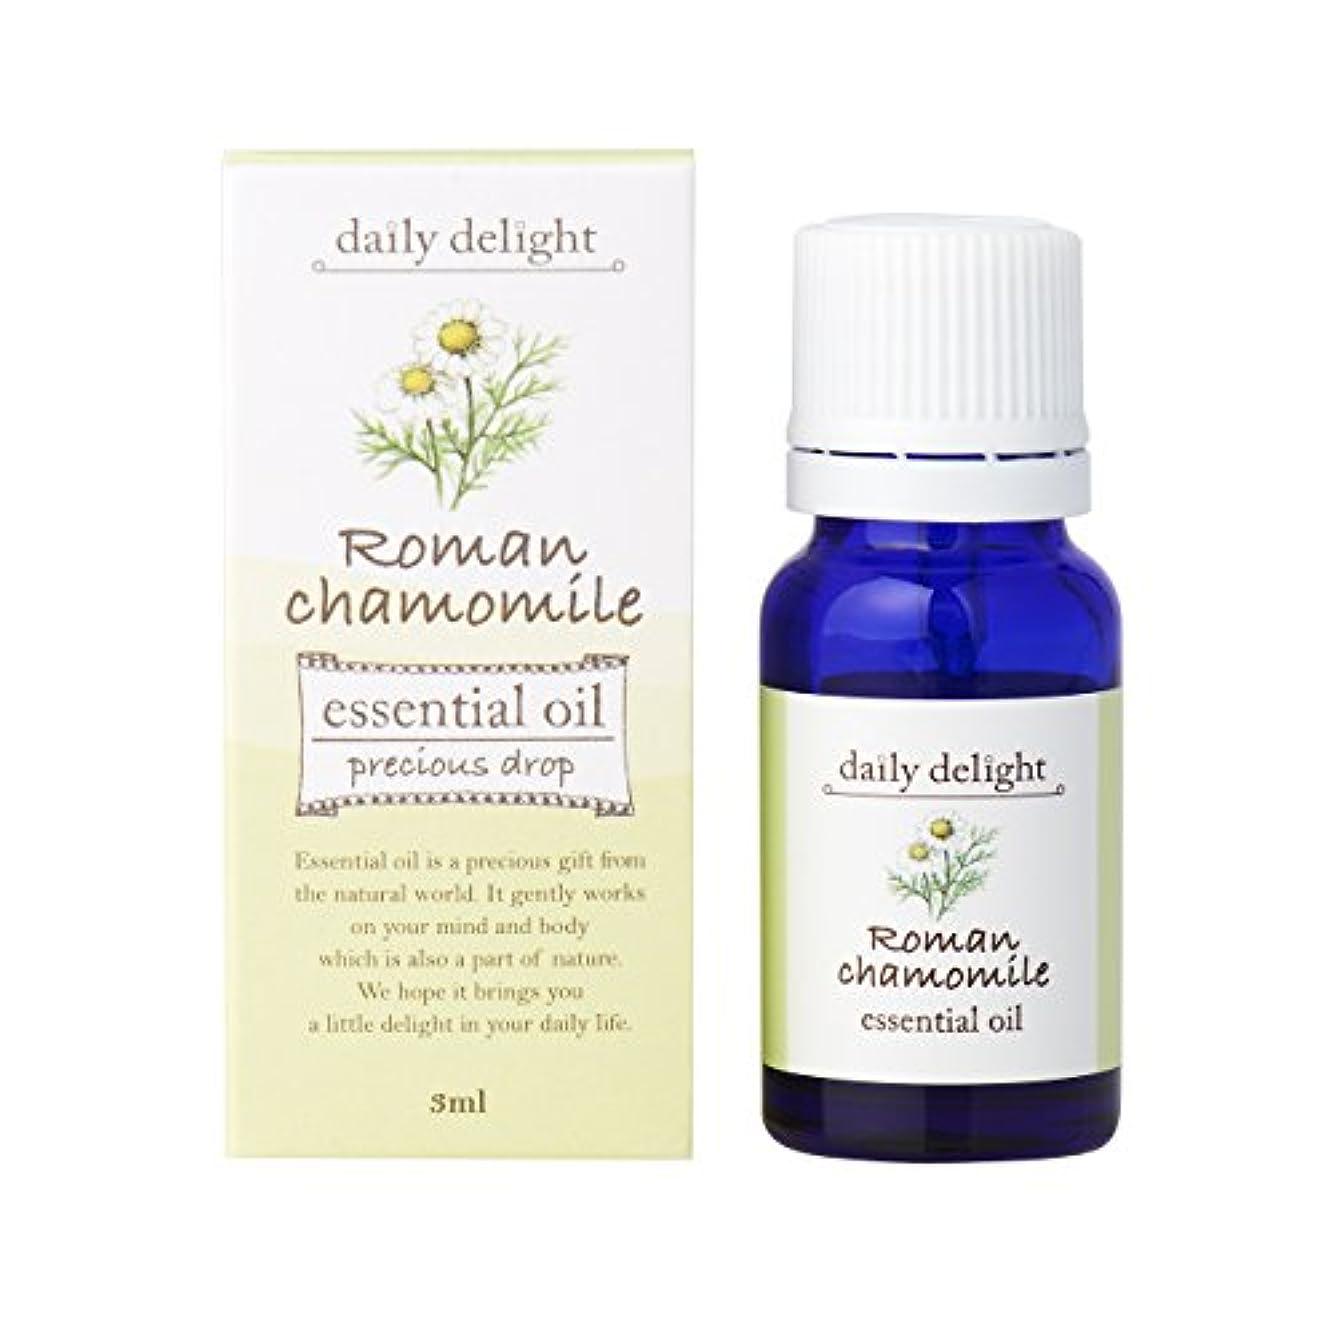 睡眠凝縮する傾向がありますデイリーディライト エッセンシャルオイル ローマンカモミール 3ml(天然100% 精油 アロマ フローラル系 青リンゴに似た香り)